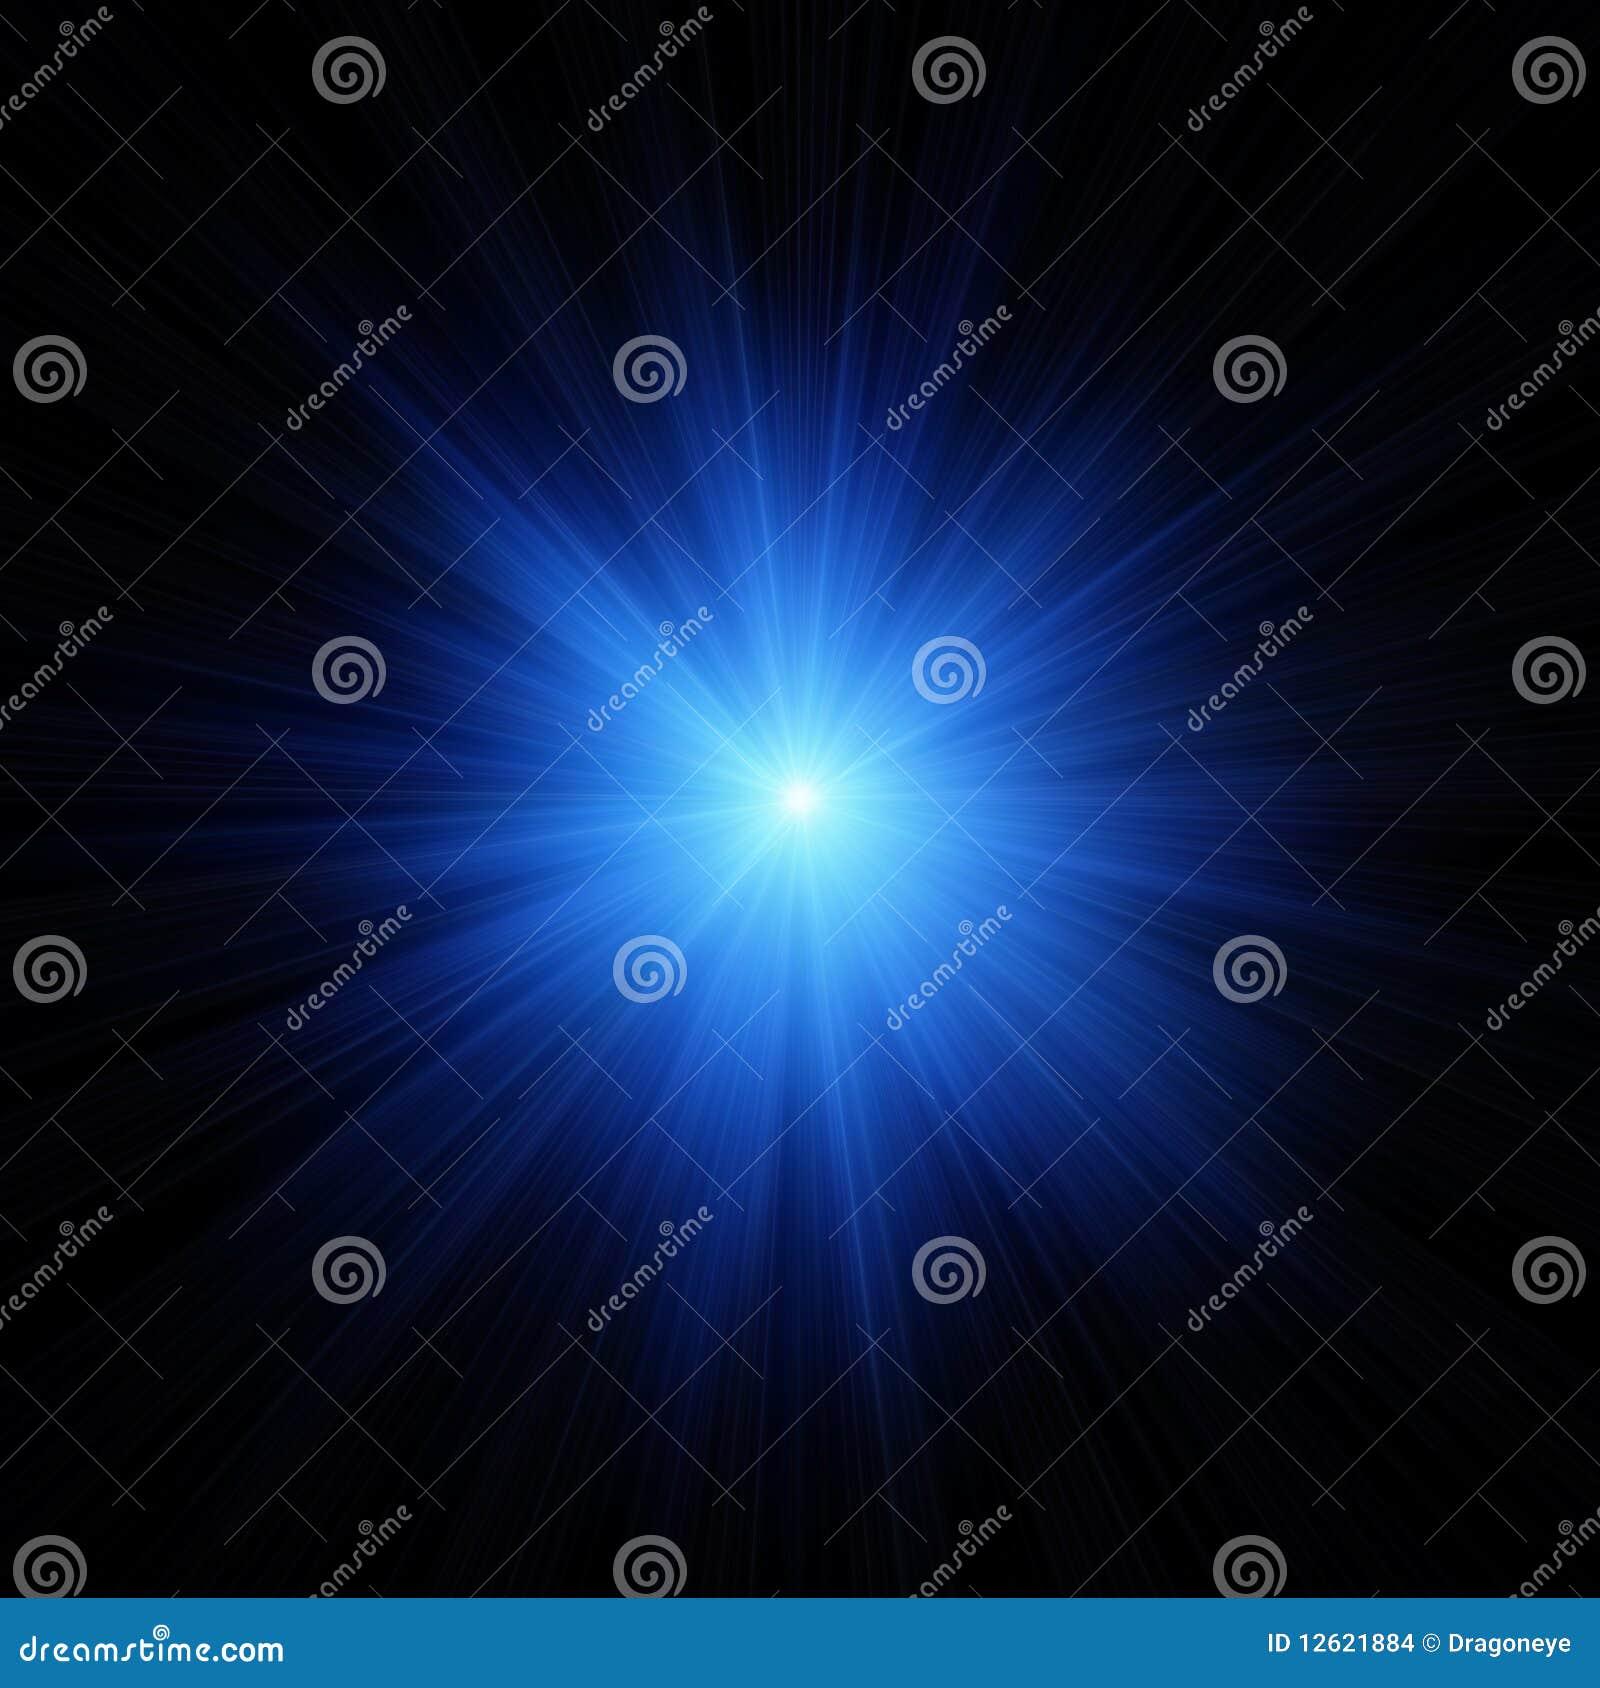 Blue star flash